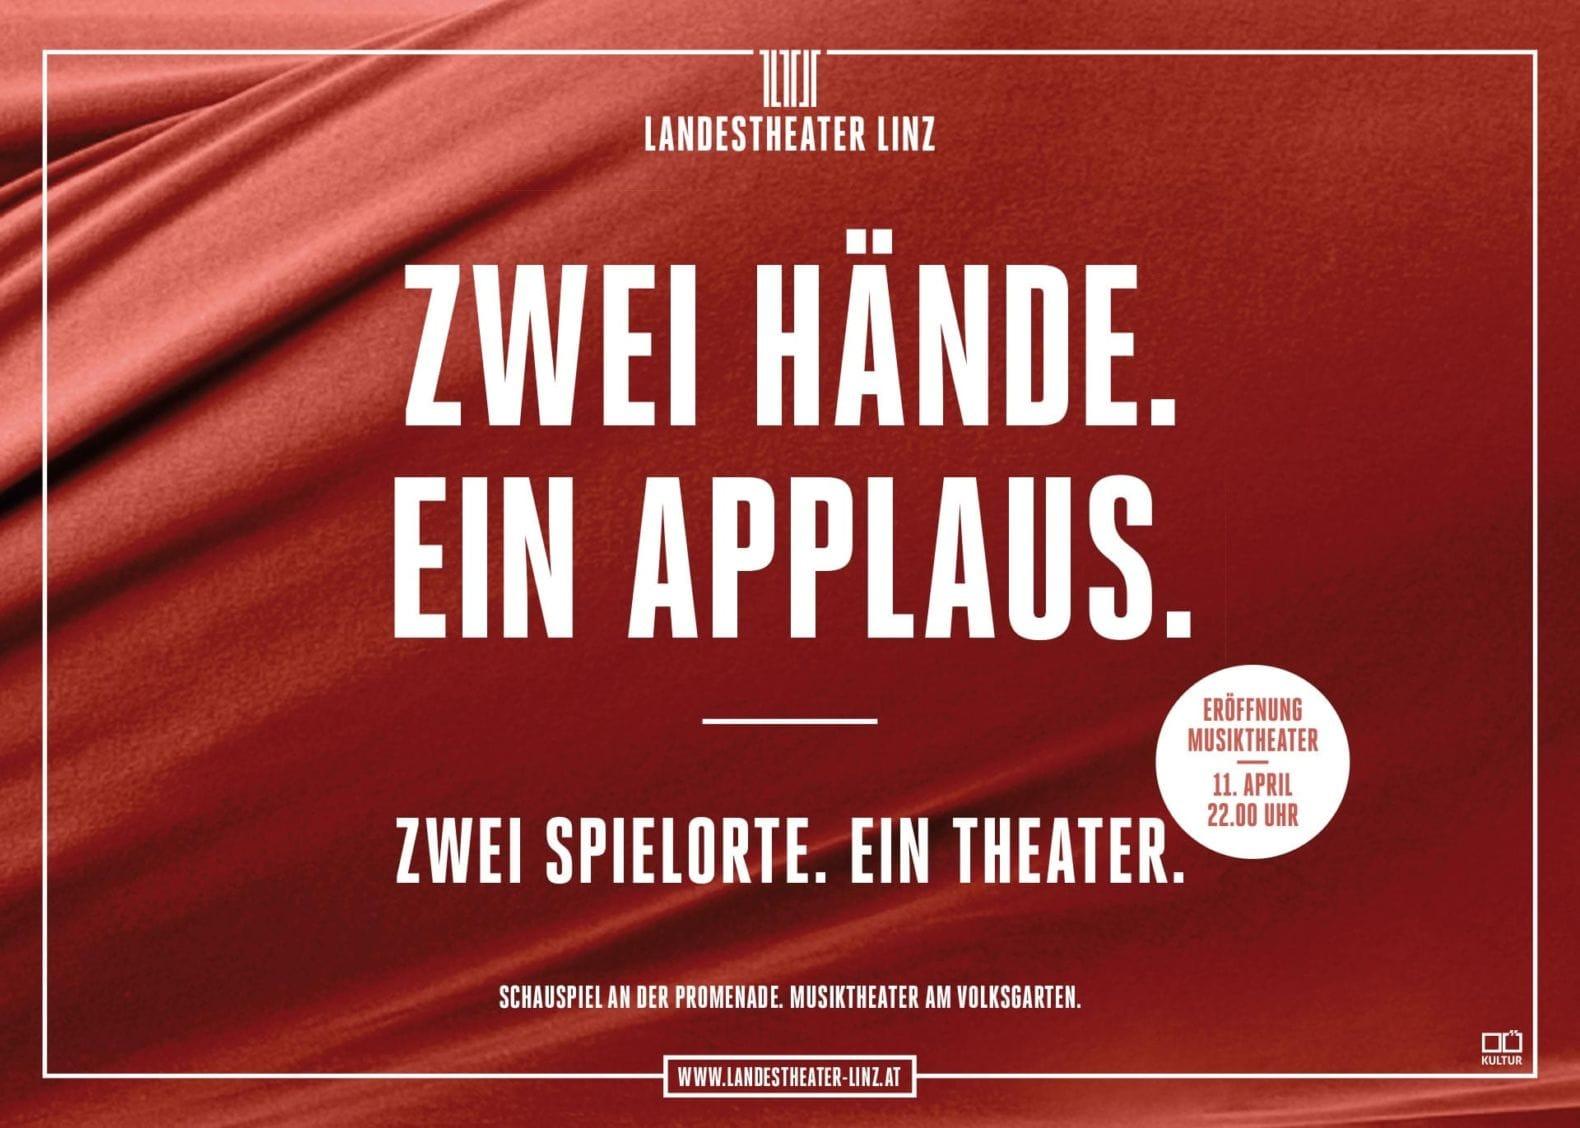 Landestheater Linz Corporate Design